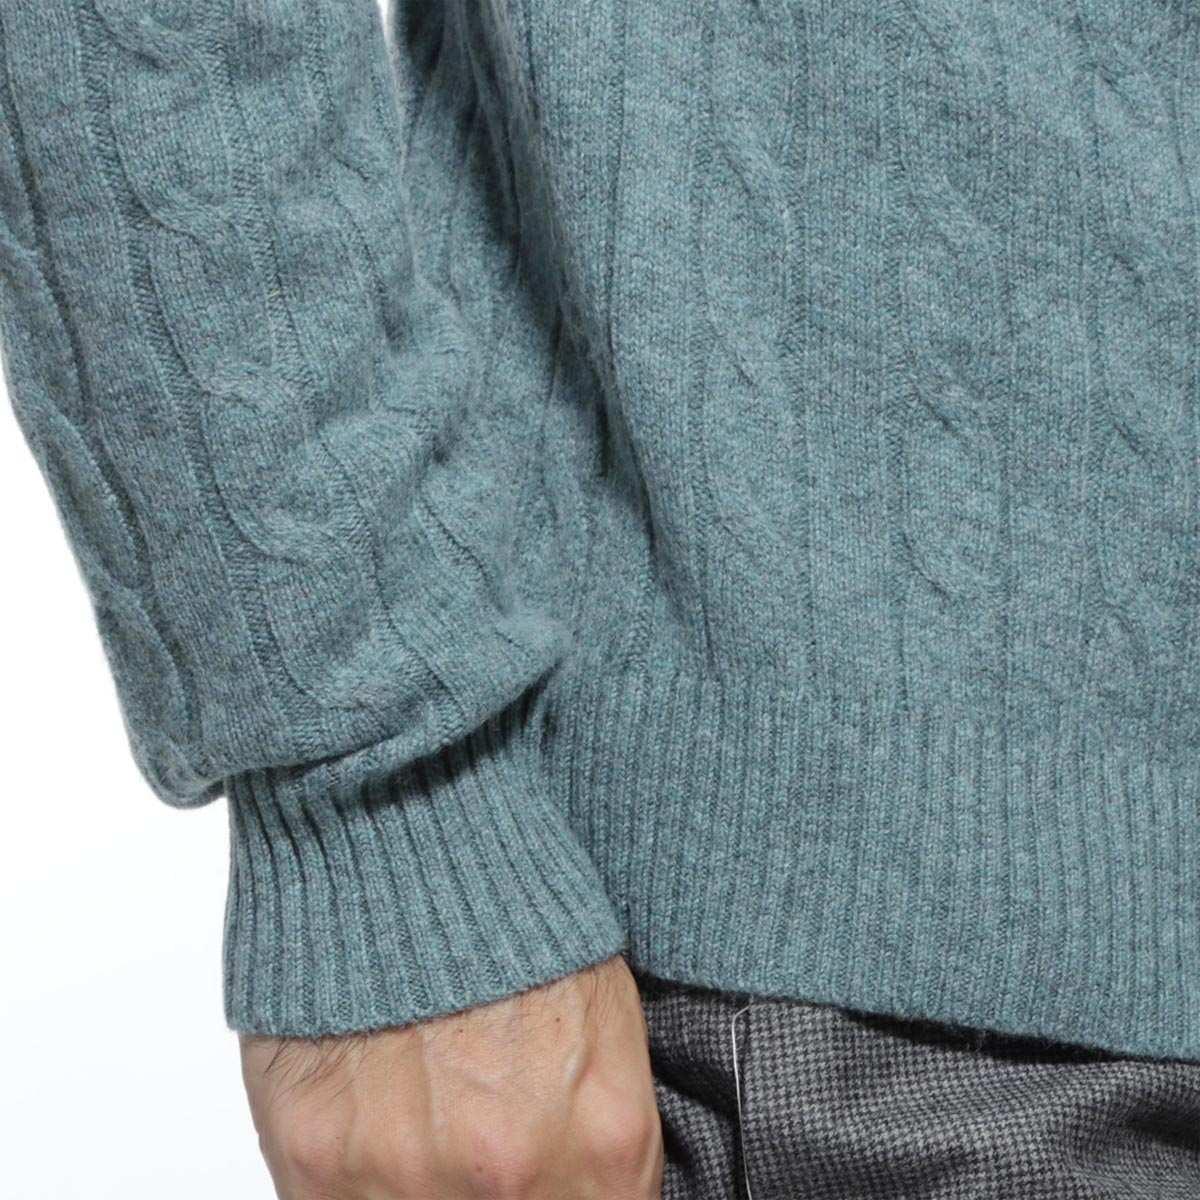 【アウトレット】【ラスト1点】Brooks Brothers  ブルックスブラザーズ クルーネック セーター/CREW NECK KNIT SWEATER 100150 メンズ